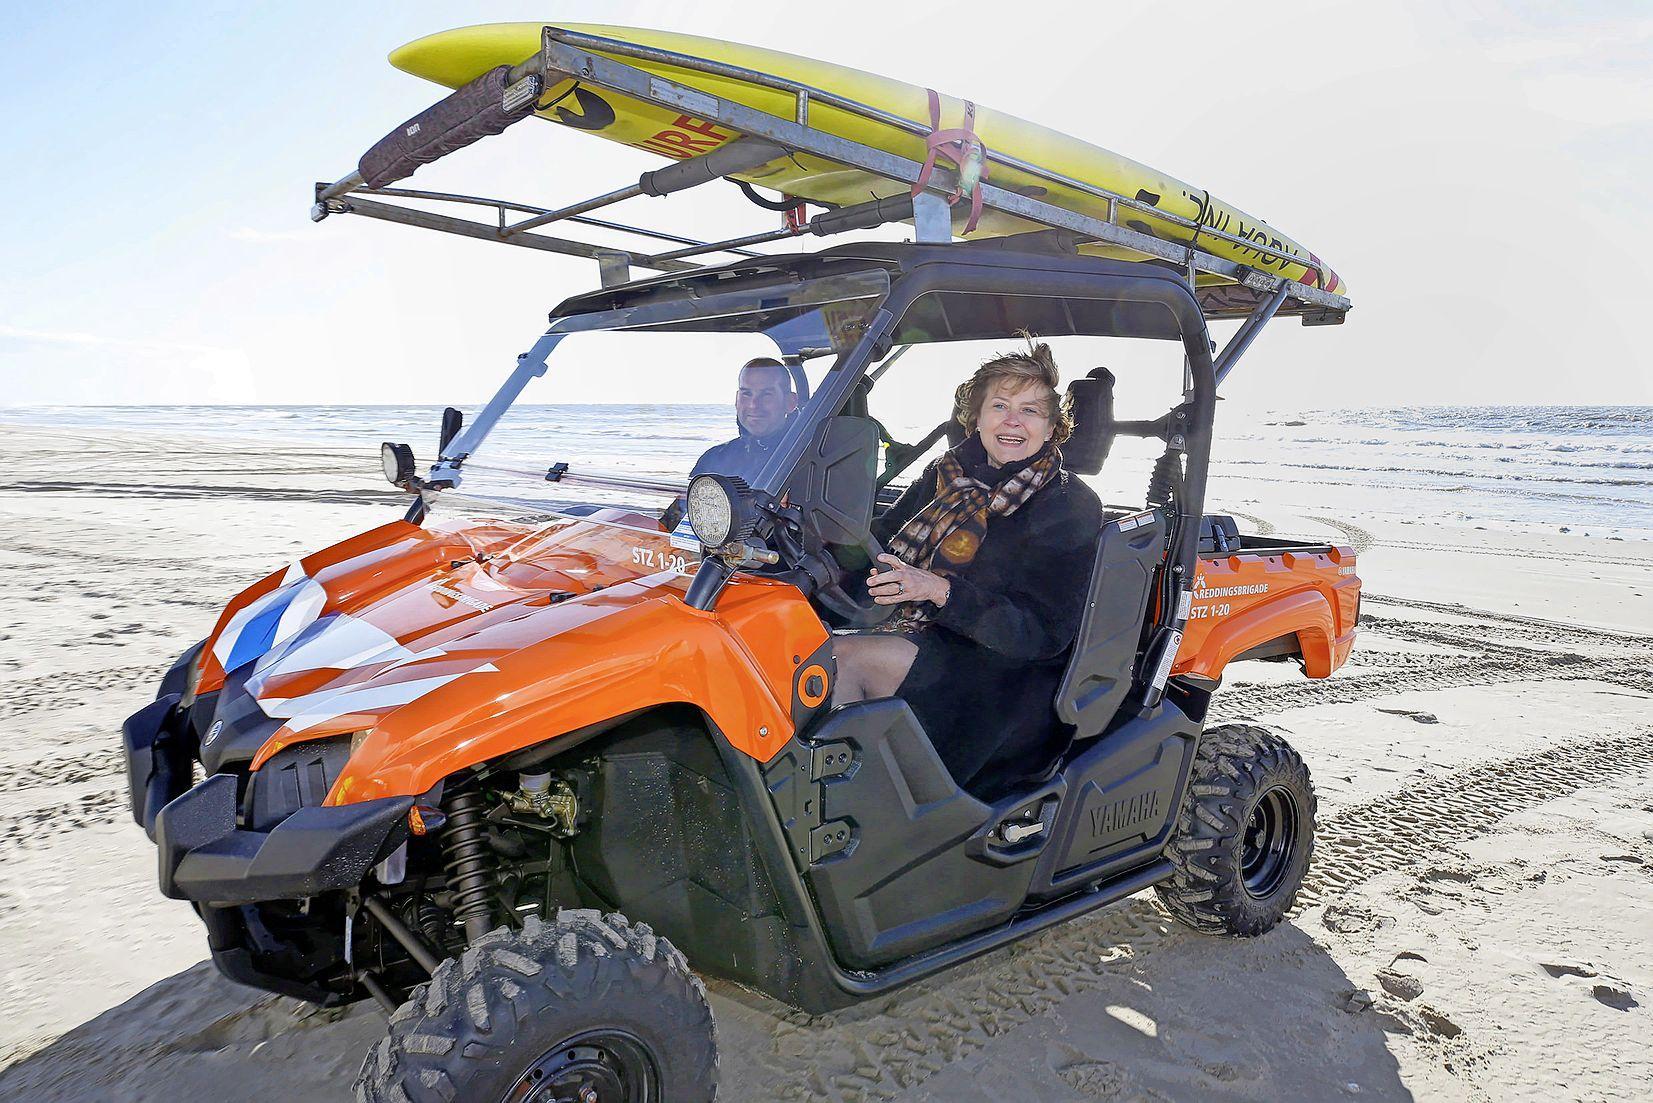 Het lijkt een golfkarretje, maar hij ploegt moeiteloos door het mulle zand van het strand. Redders in gemeente Schagen rijden deze zomer op de stoere Yamaha Viking. Met AED aan boord